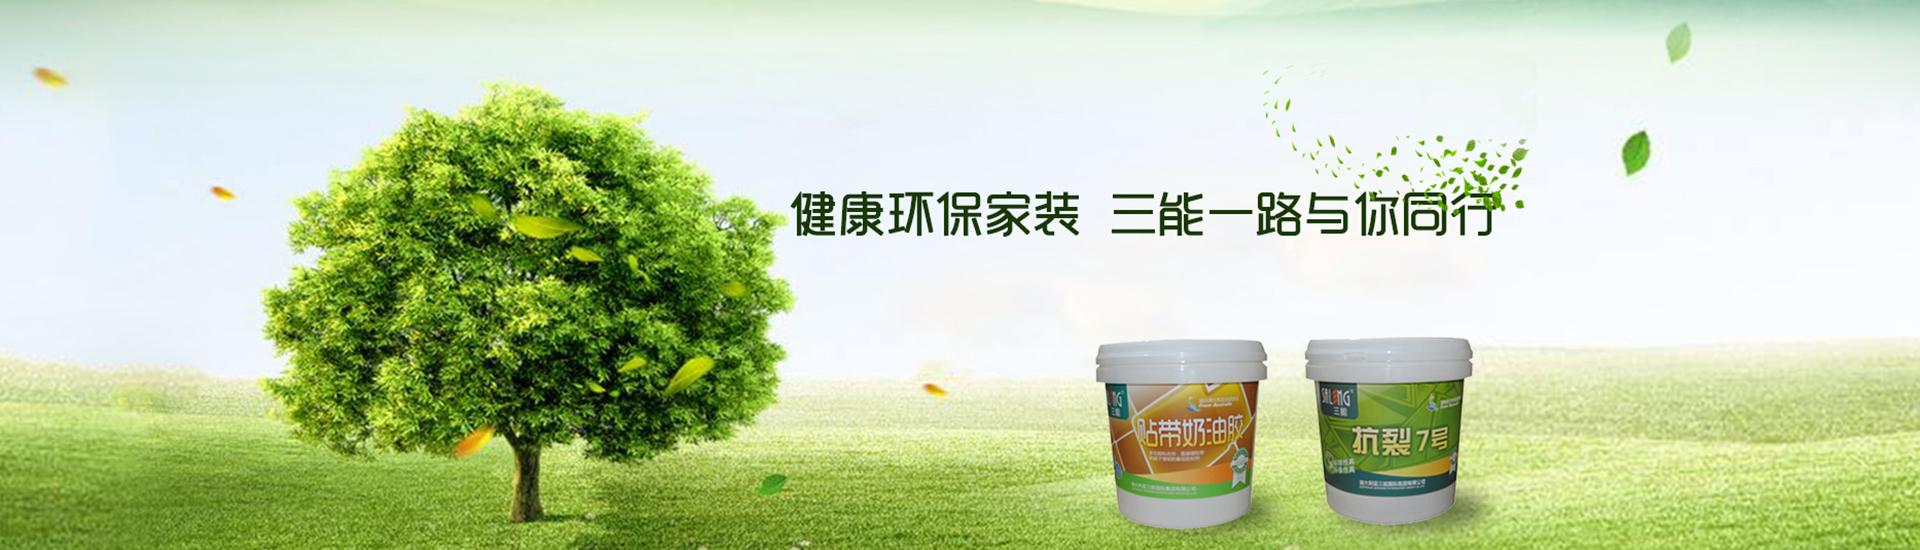 青青草原绿色华人视频,亚洲治治色情网,国产偷拍99线寓目